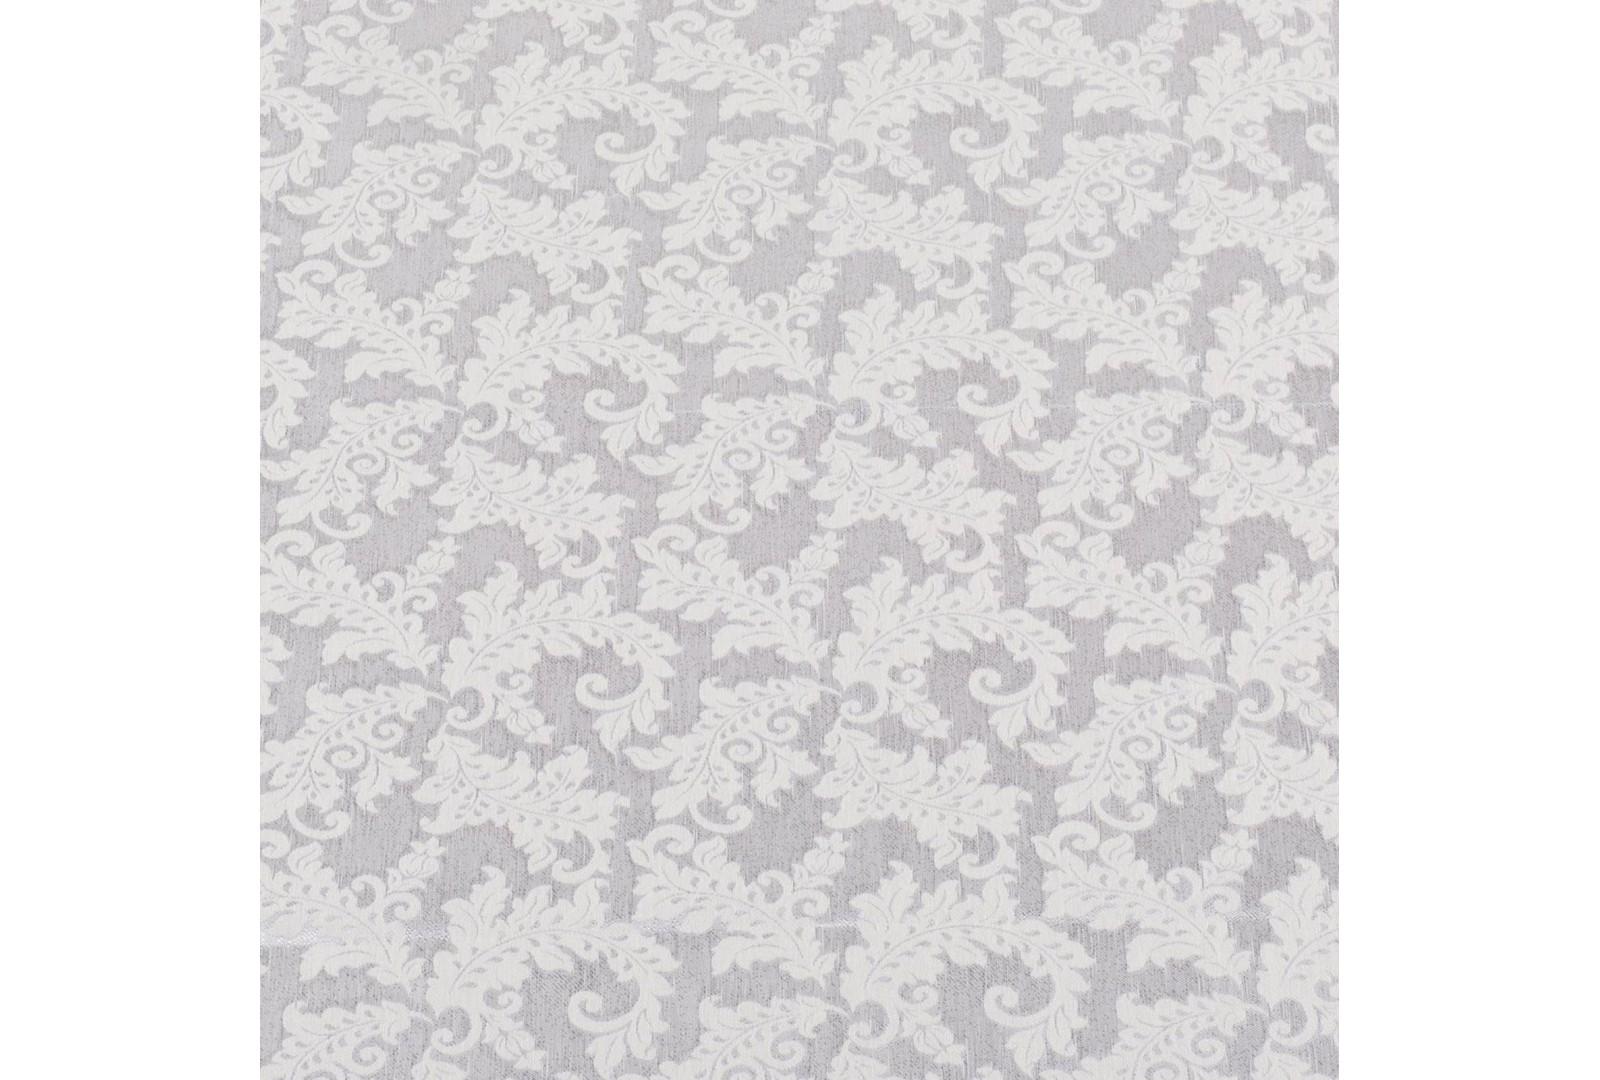 COJIN STELLA 085 - PLATA Cojin 30x50 cms VACIO